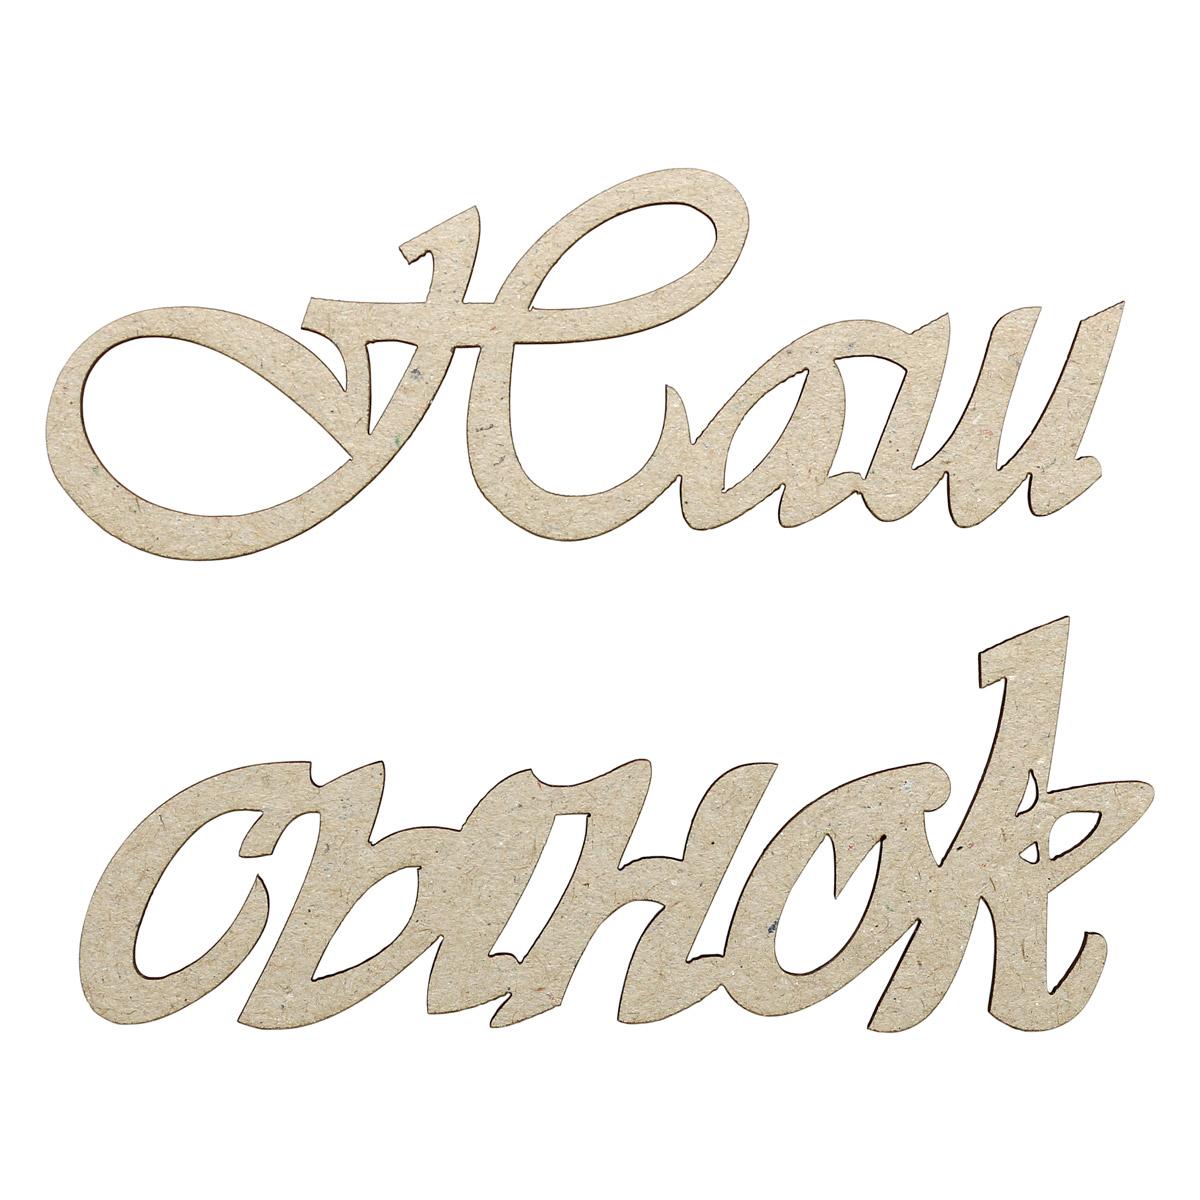 ВК-104 Декоративный элемент 'Наш сынок'8,4*6,0см Астра